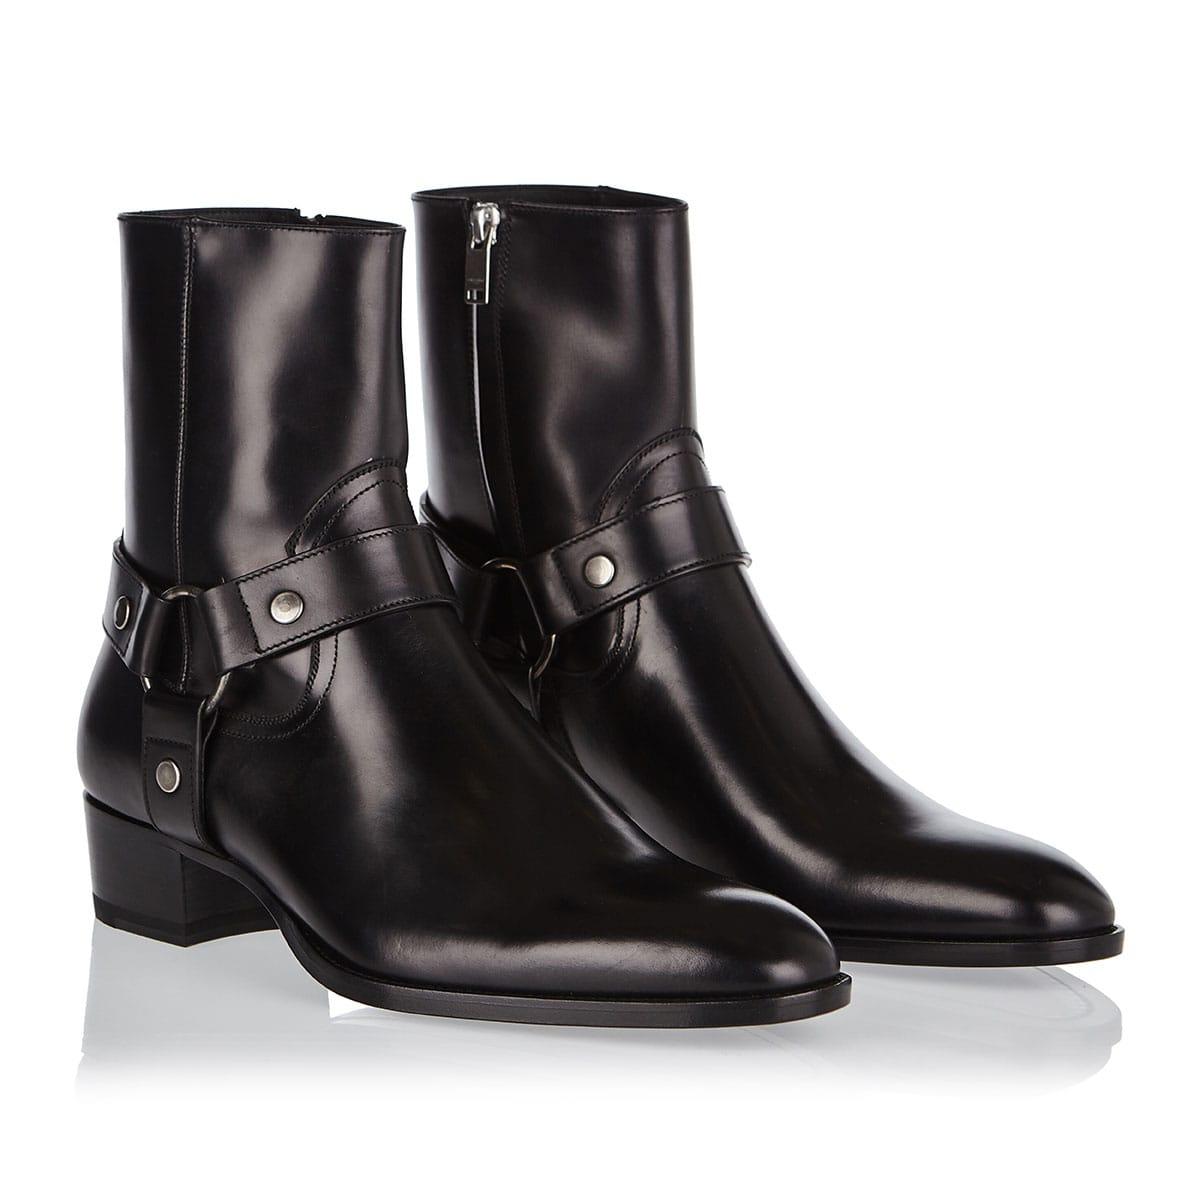 Wyatt cowboy boots